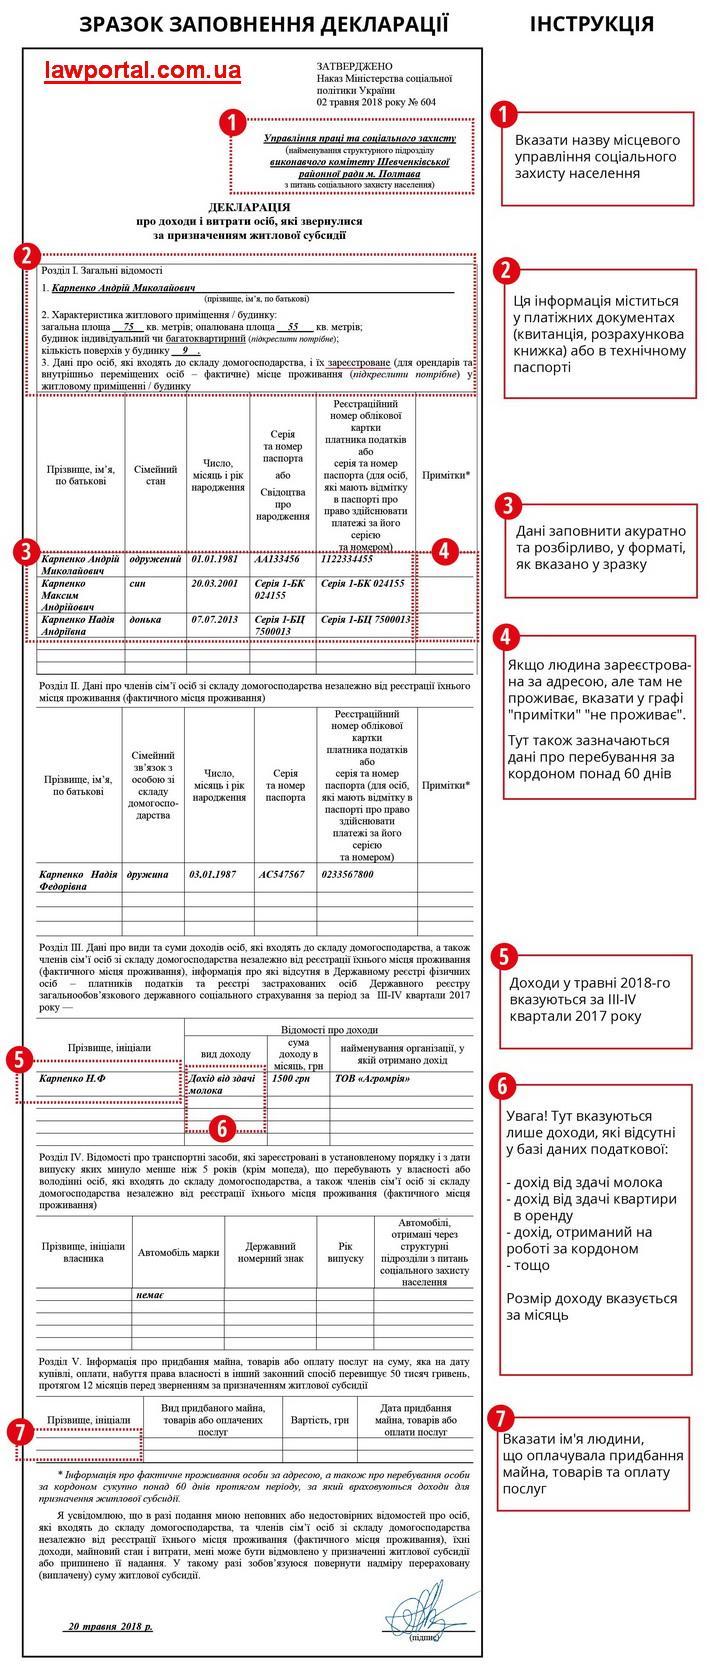 приклад заповнення заяви декларації про доходи на доходи